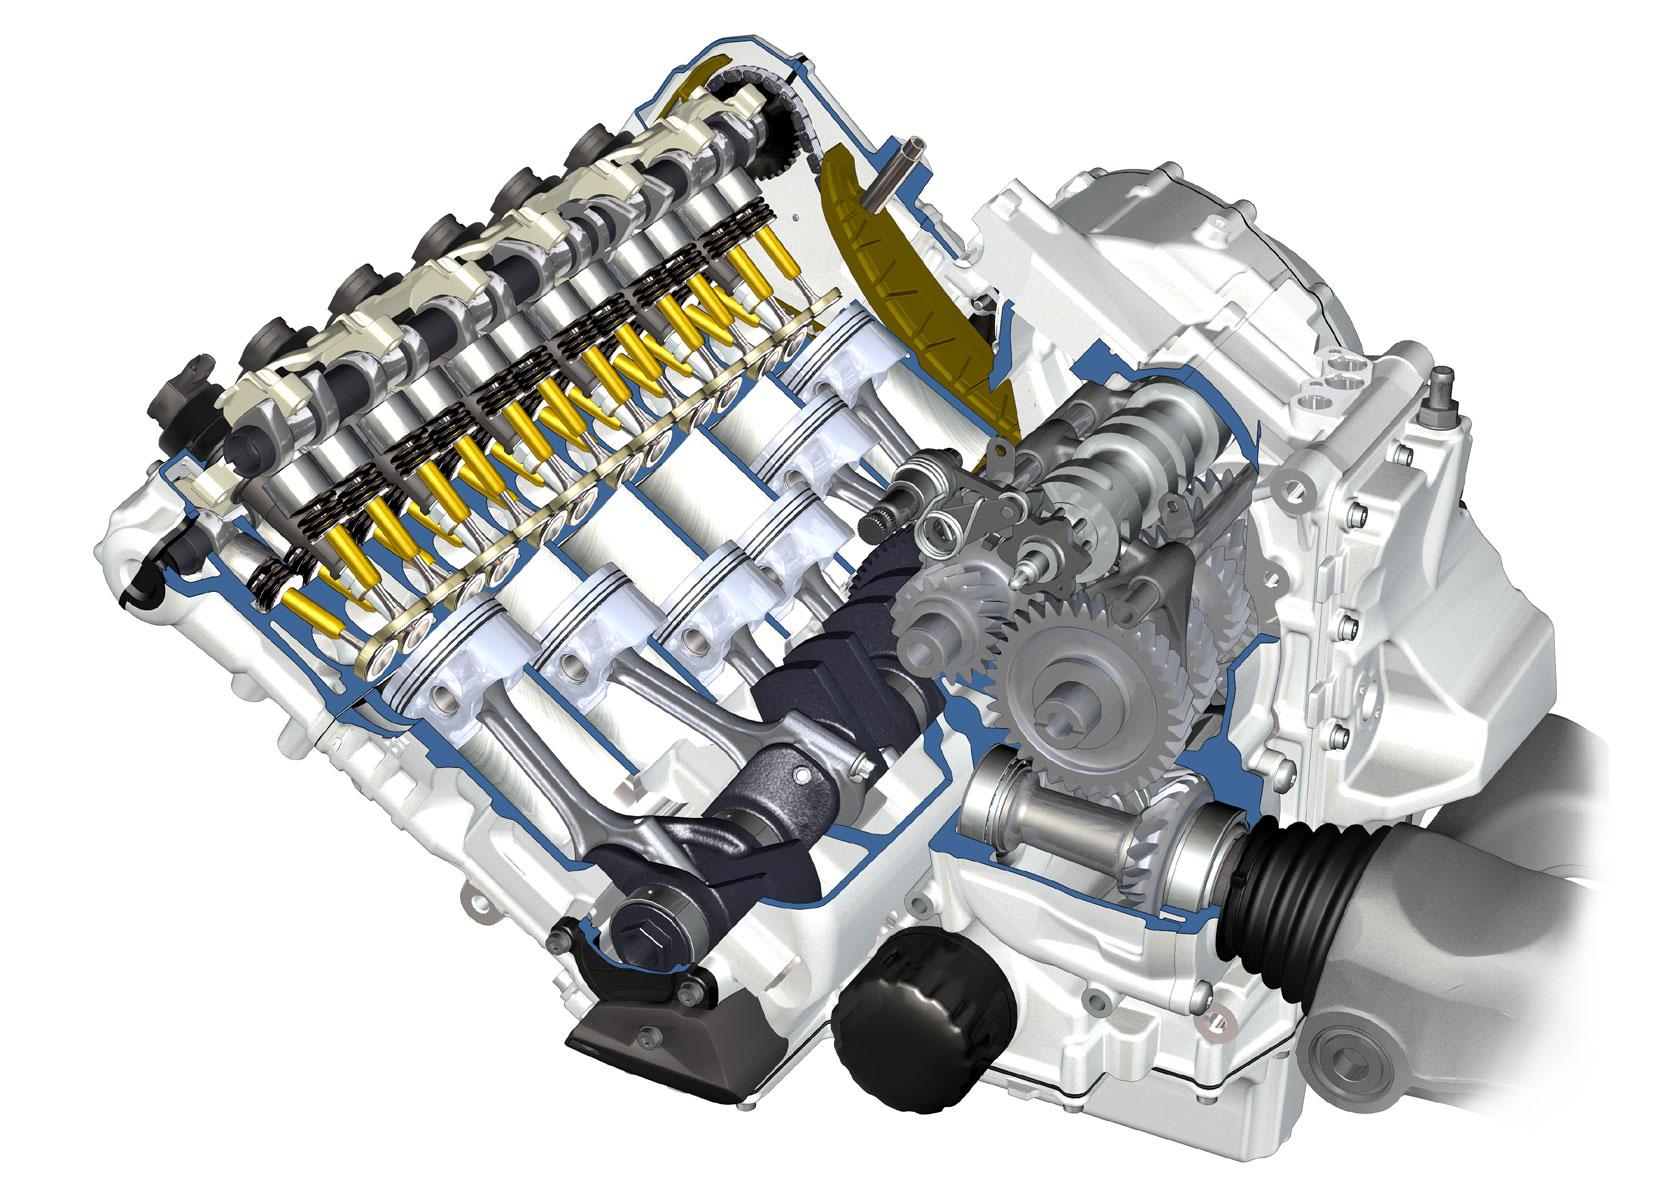 какие мотора считается лучше рядные 6 целидровые либо ваеобразный 6 целидровые